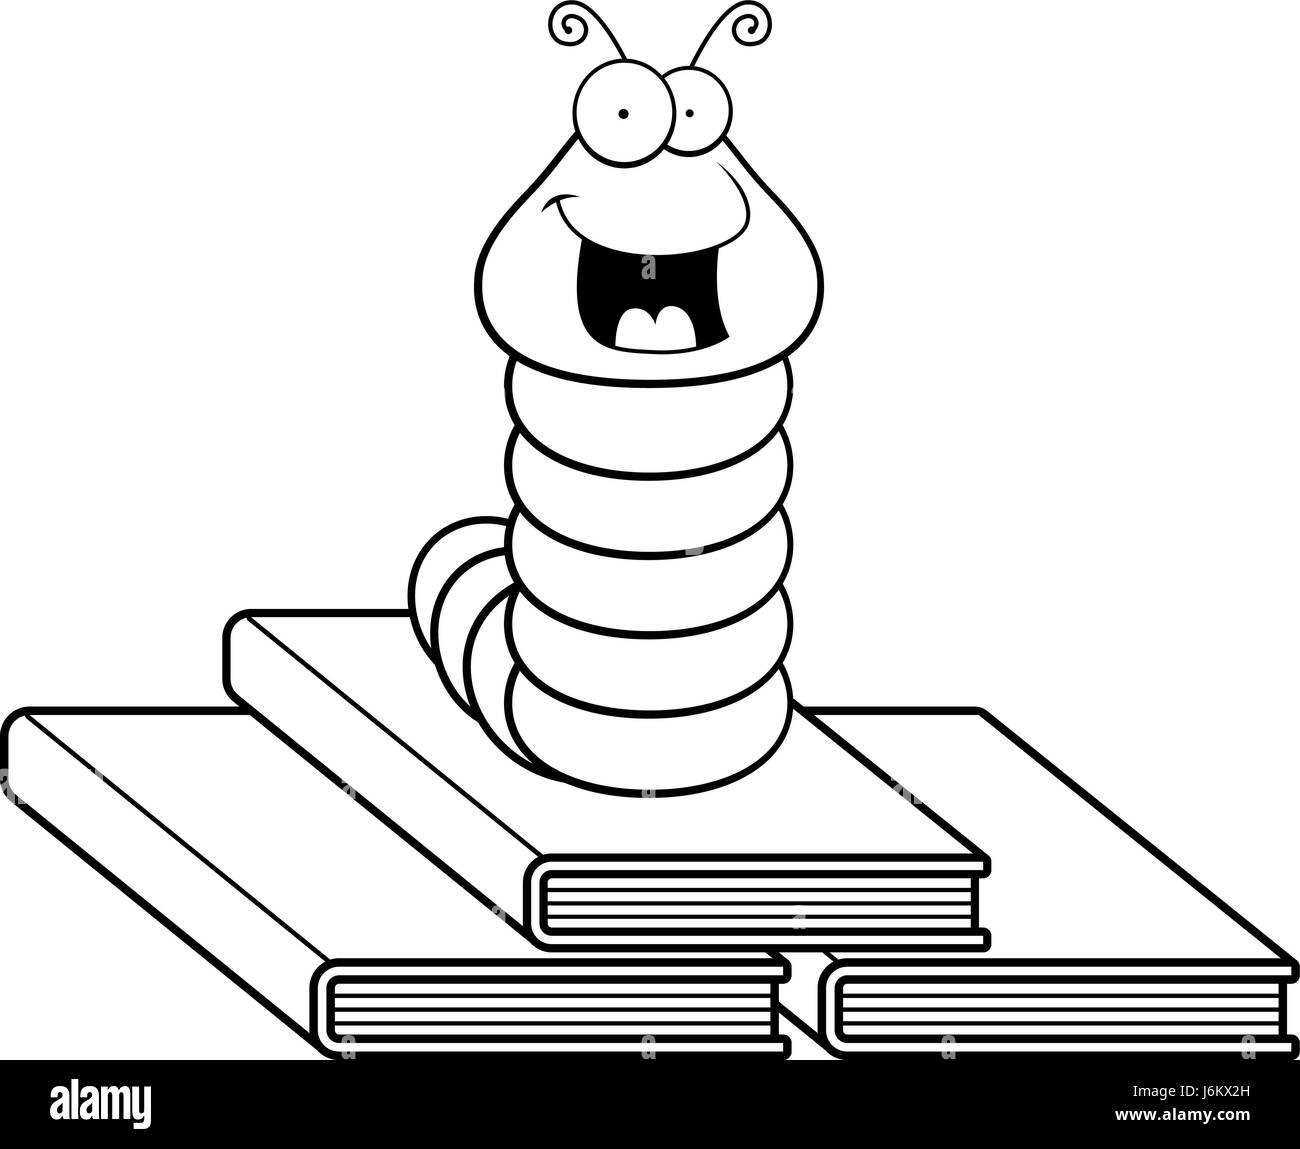 book worm cartoon stock photos u0026 book worm cartoon stock images